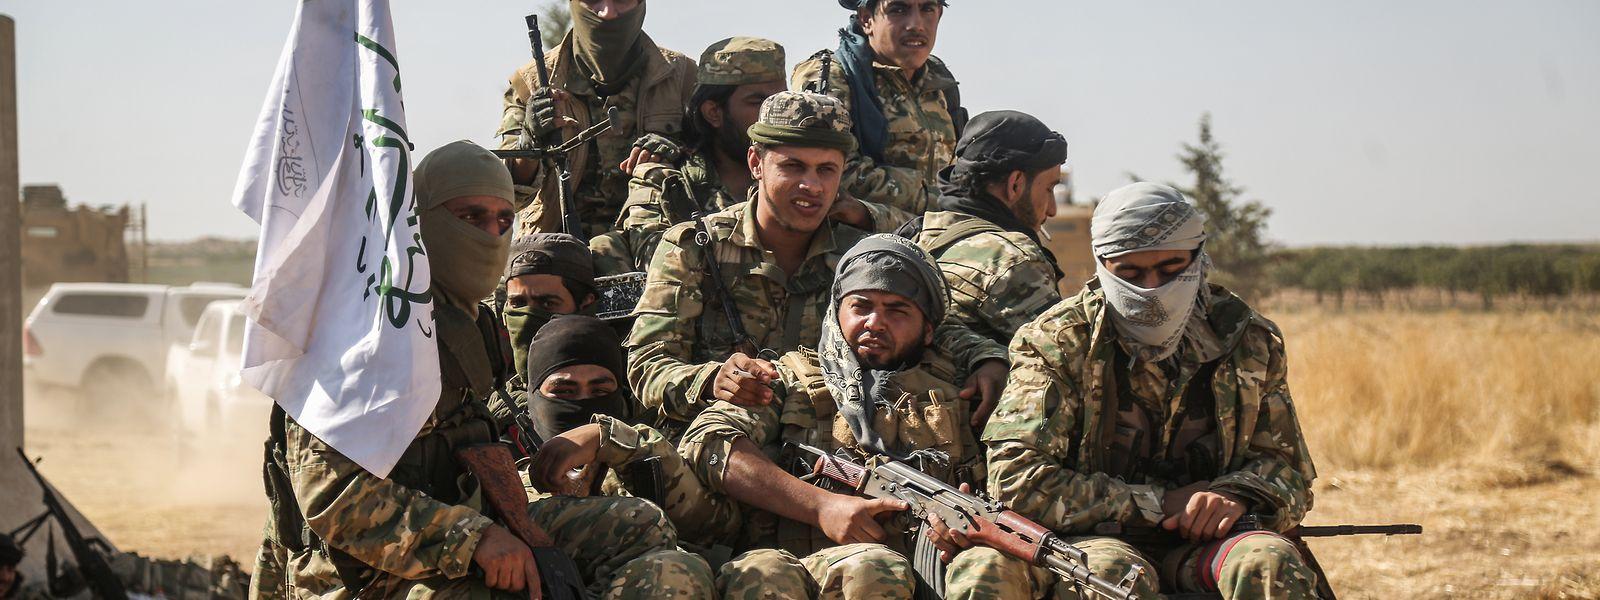 Von der Türkei unterstützte Rebellen der syrischen Nationalarmee fahren mit einem Pick-up nahe der Grenze zwischen Syrien und der Türkei.